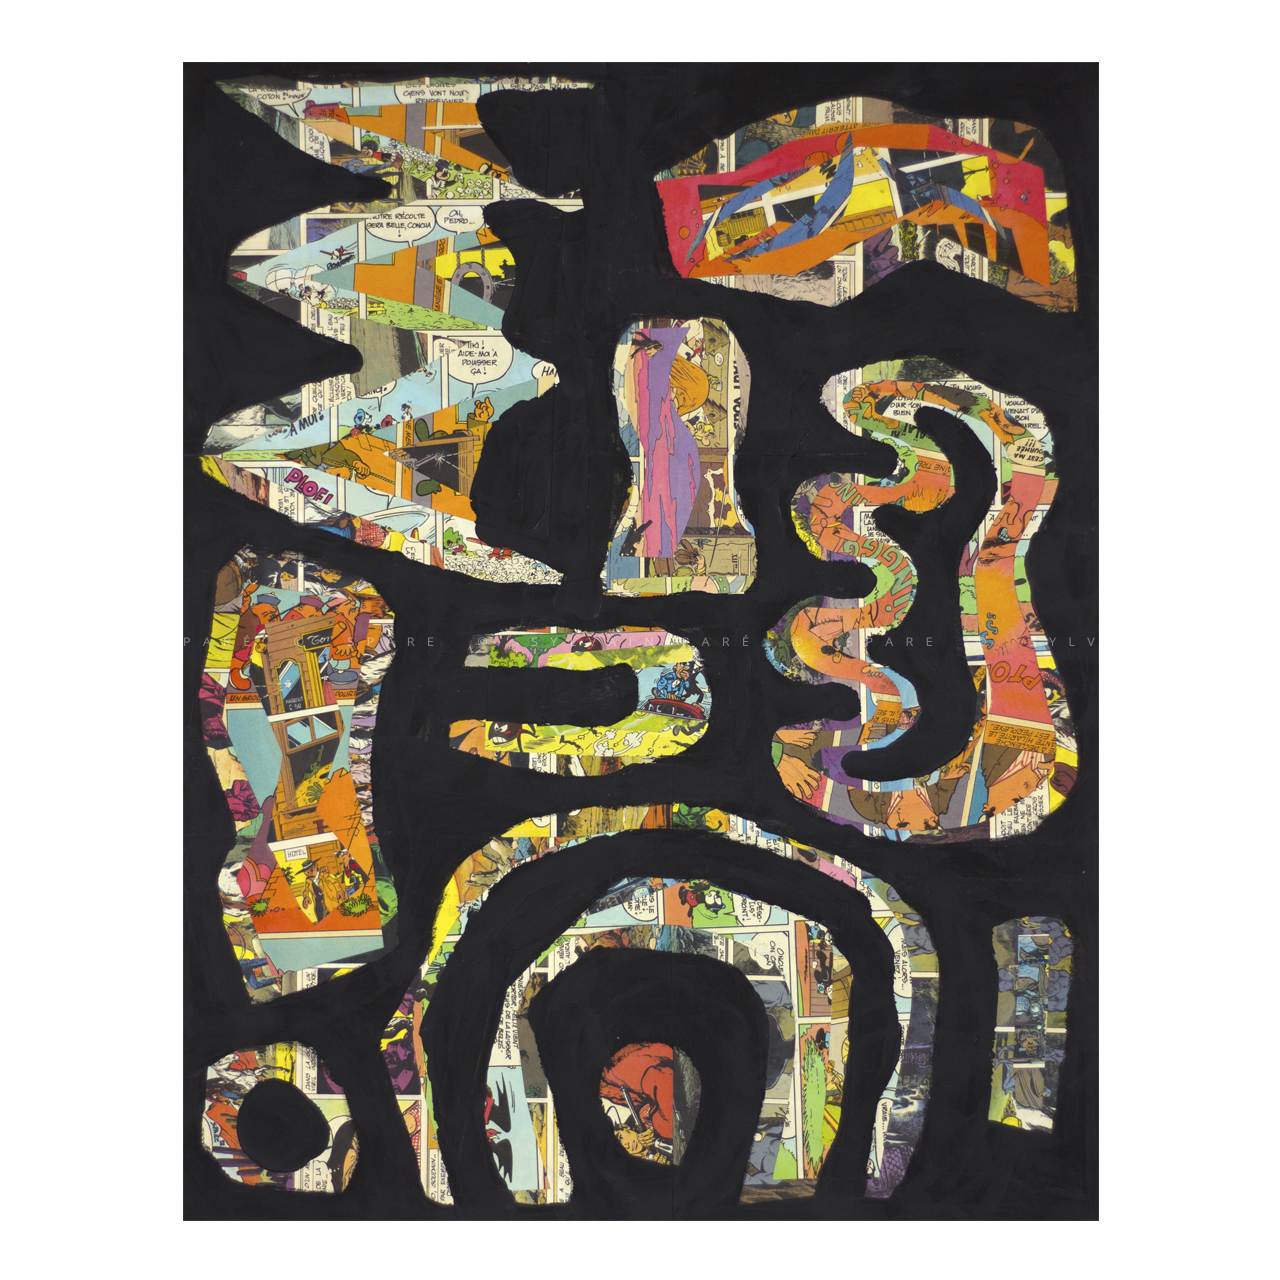 sylvain-pare-spare-artwork-1280x1280_IMG_0328.jpg